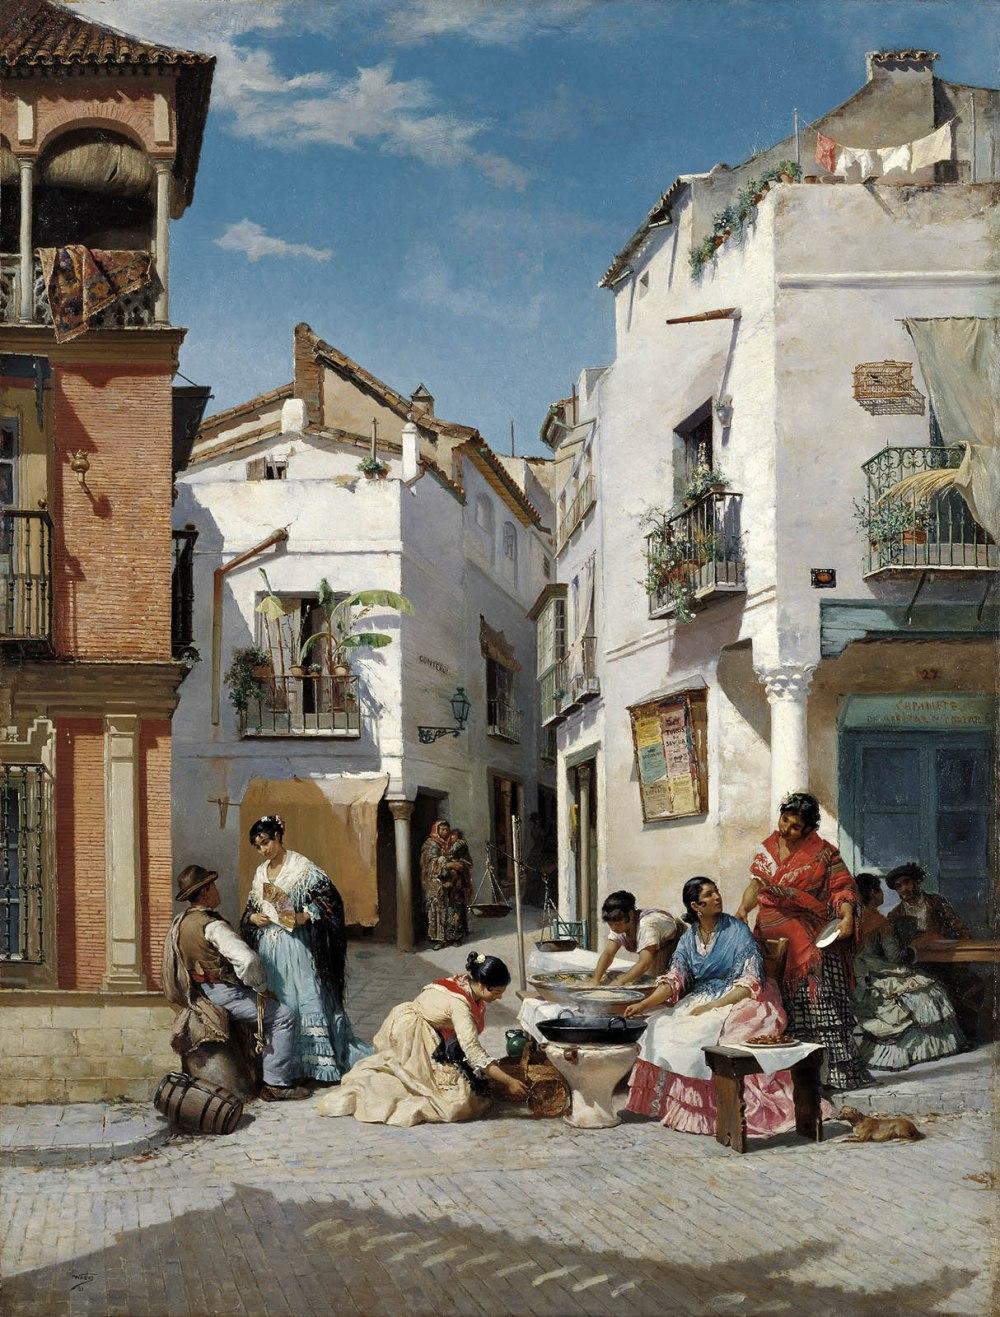 Manuel Wssel de Guimbarda .Vendedoras de rosquillas en un rincón de Sevilla. 1881. Museo Carmen Thyssen. Málaga.